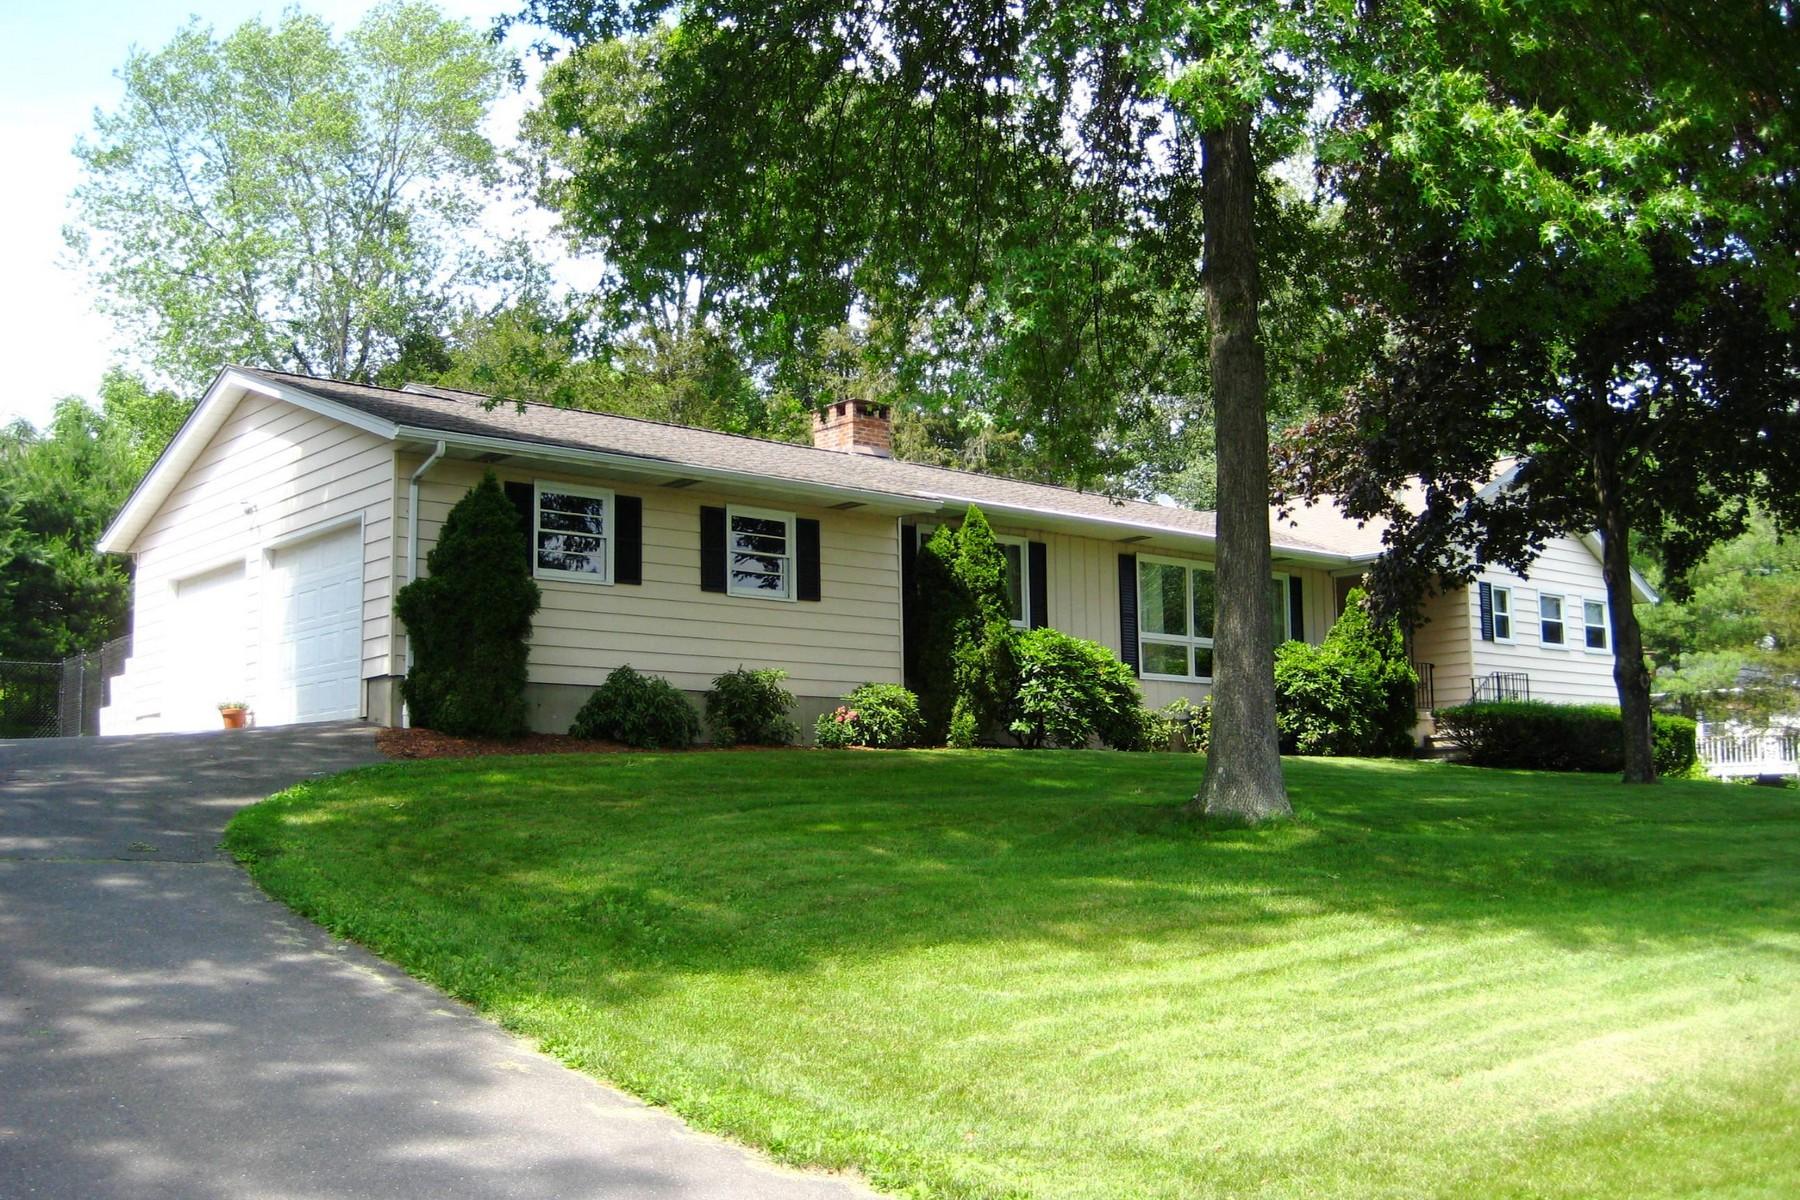 Casa para uma família para Venda às Truly and Exceptional Home 3 Fairway Drive Danbury, Connecticut 06811 Estados Unidos